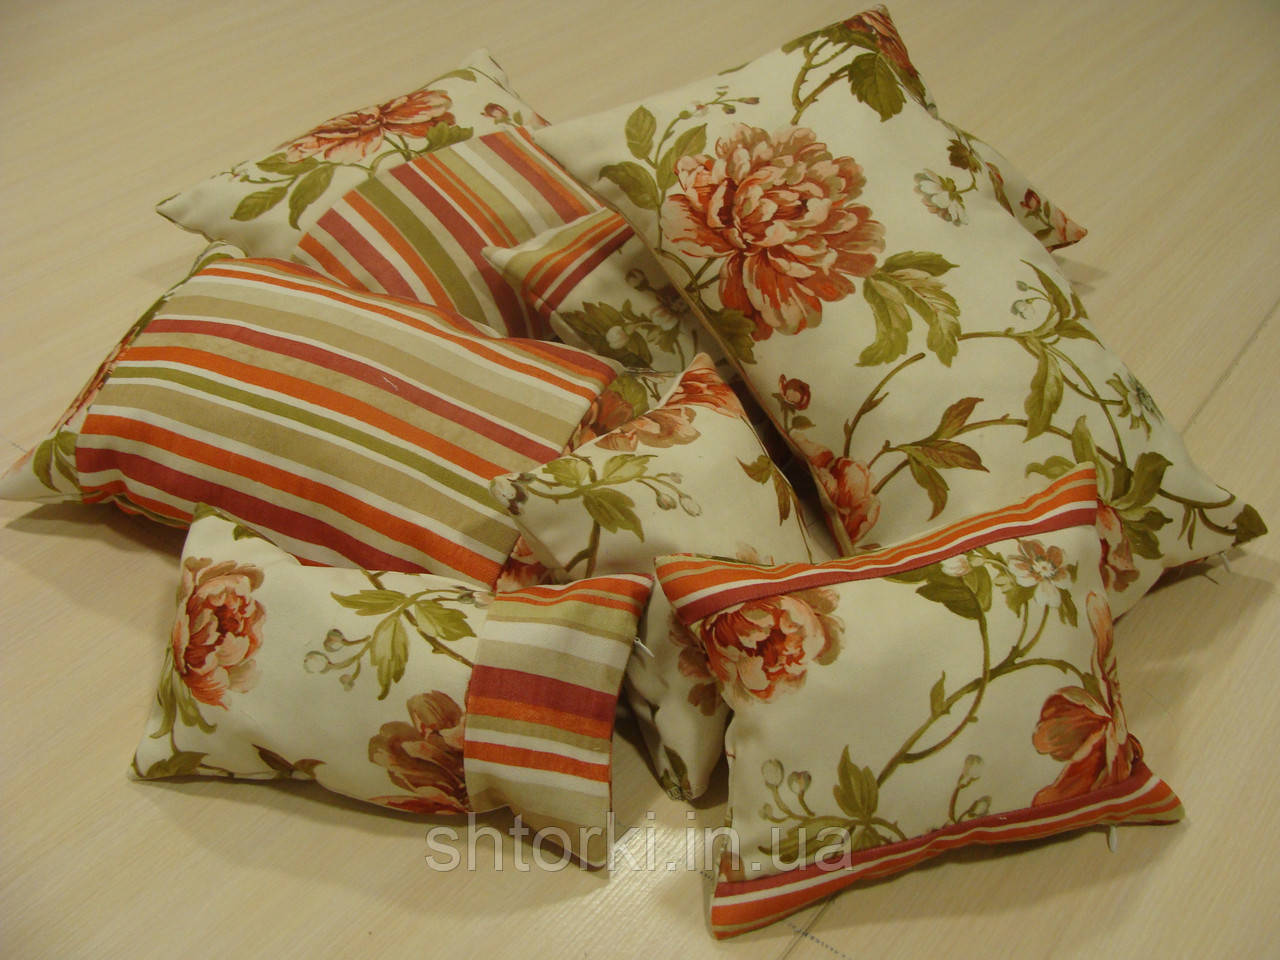 Комплект подушек  7шт цветы и полоска